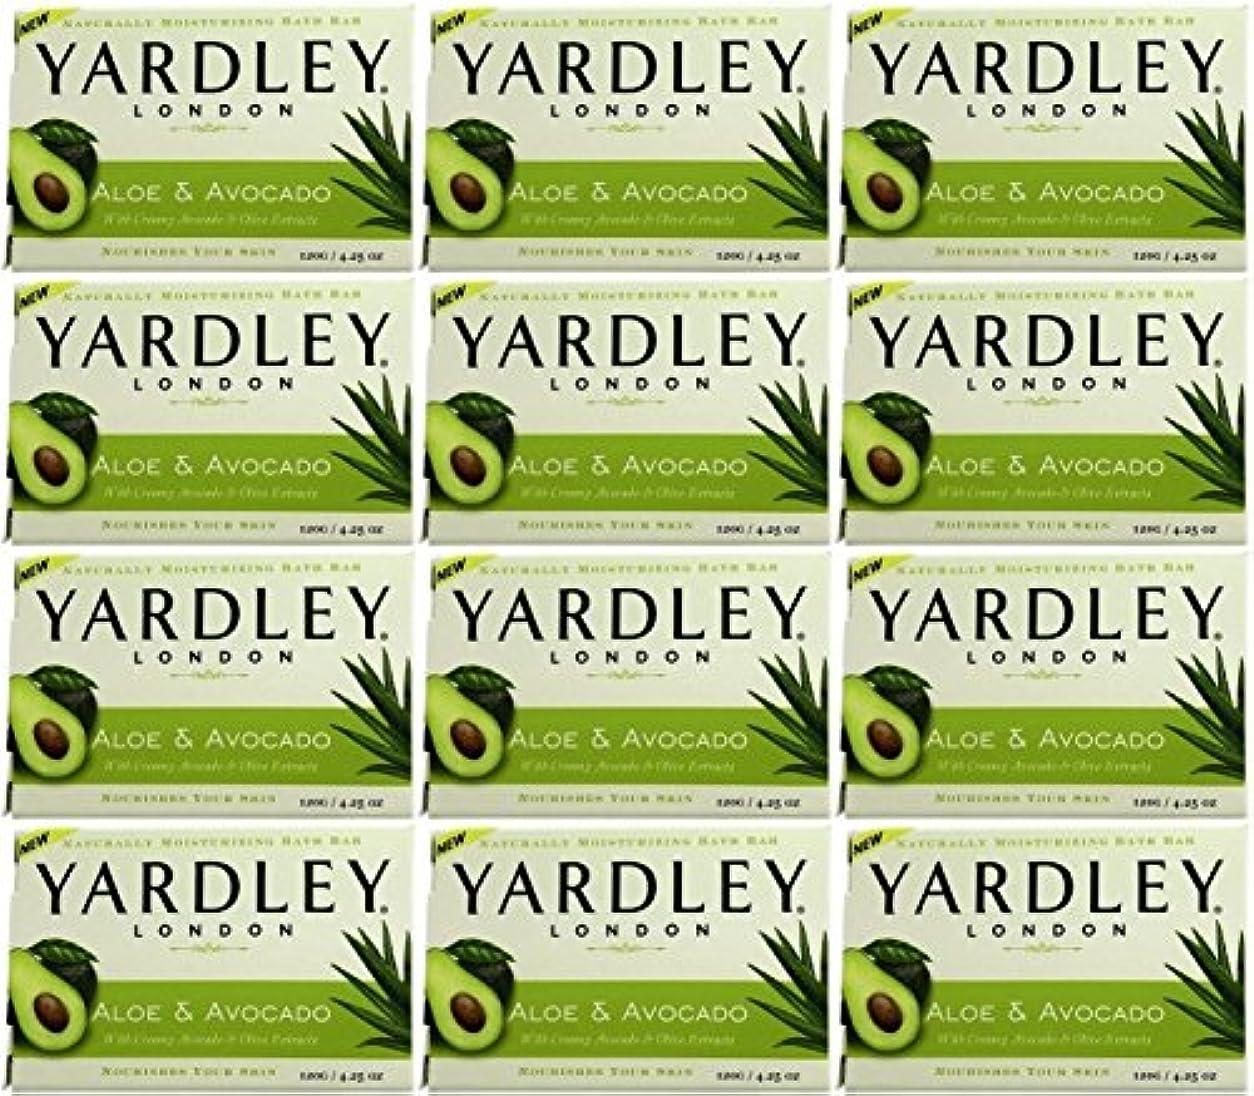 がんばり続けるぼかし直立Yardley ロンドンアロエアボカド当然のことながら保湿入浴バー4.25オズ(12パック) 12のパック ヌル